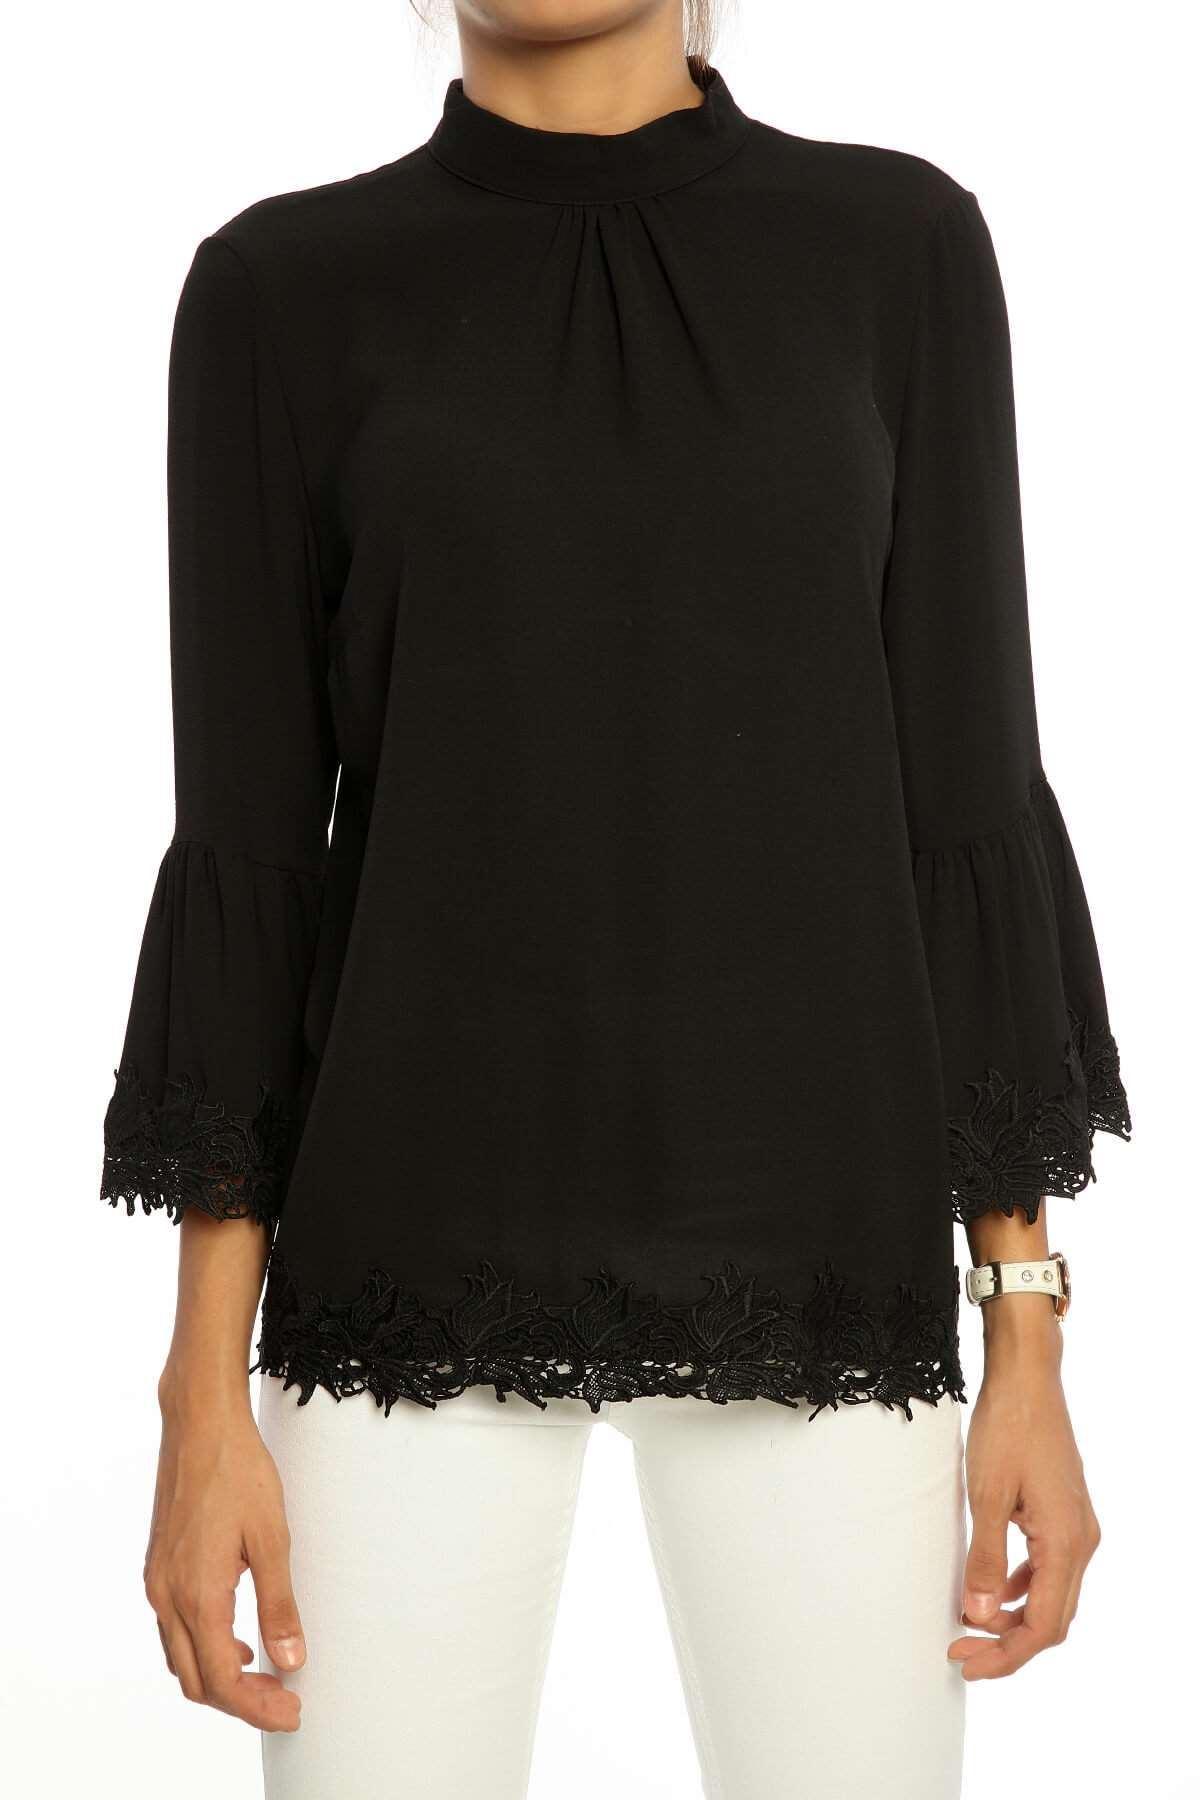 Volan Kol Dantel Detay Bluz Siyah